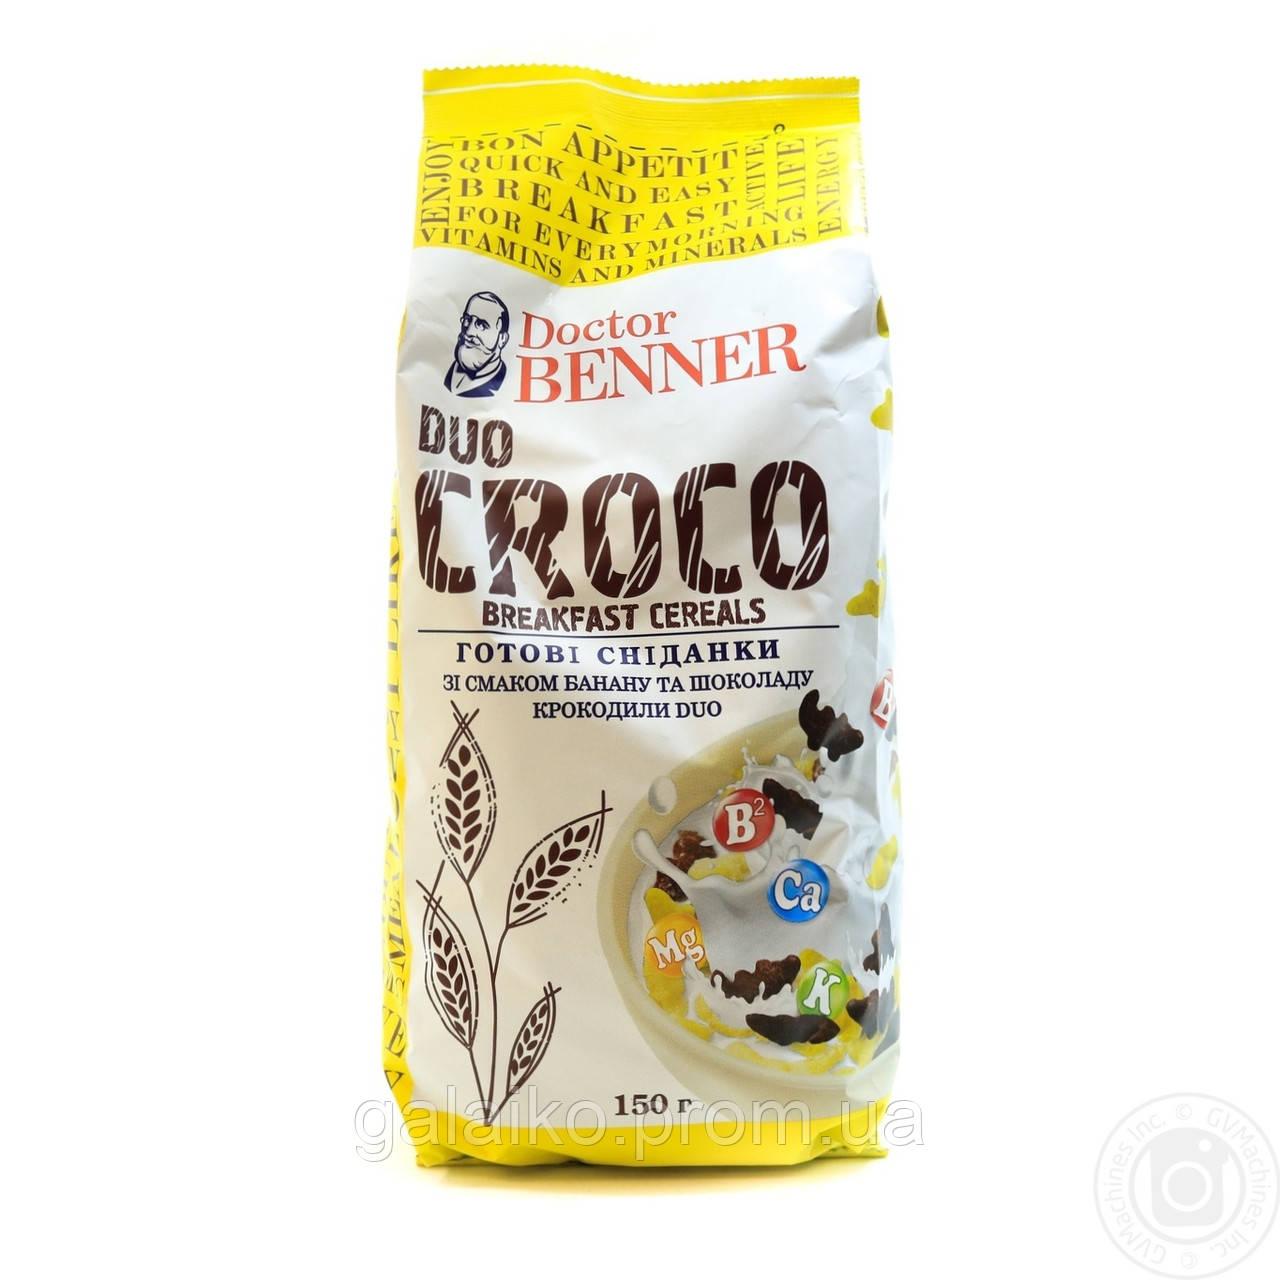 Готові сніданки Крокодили ДУО 150г Dr.Benner